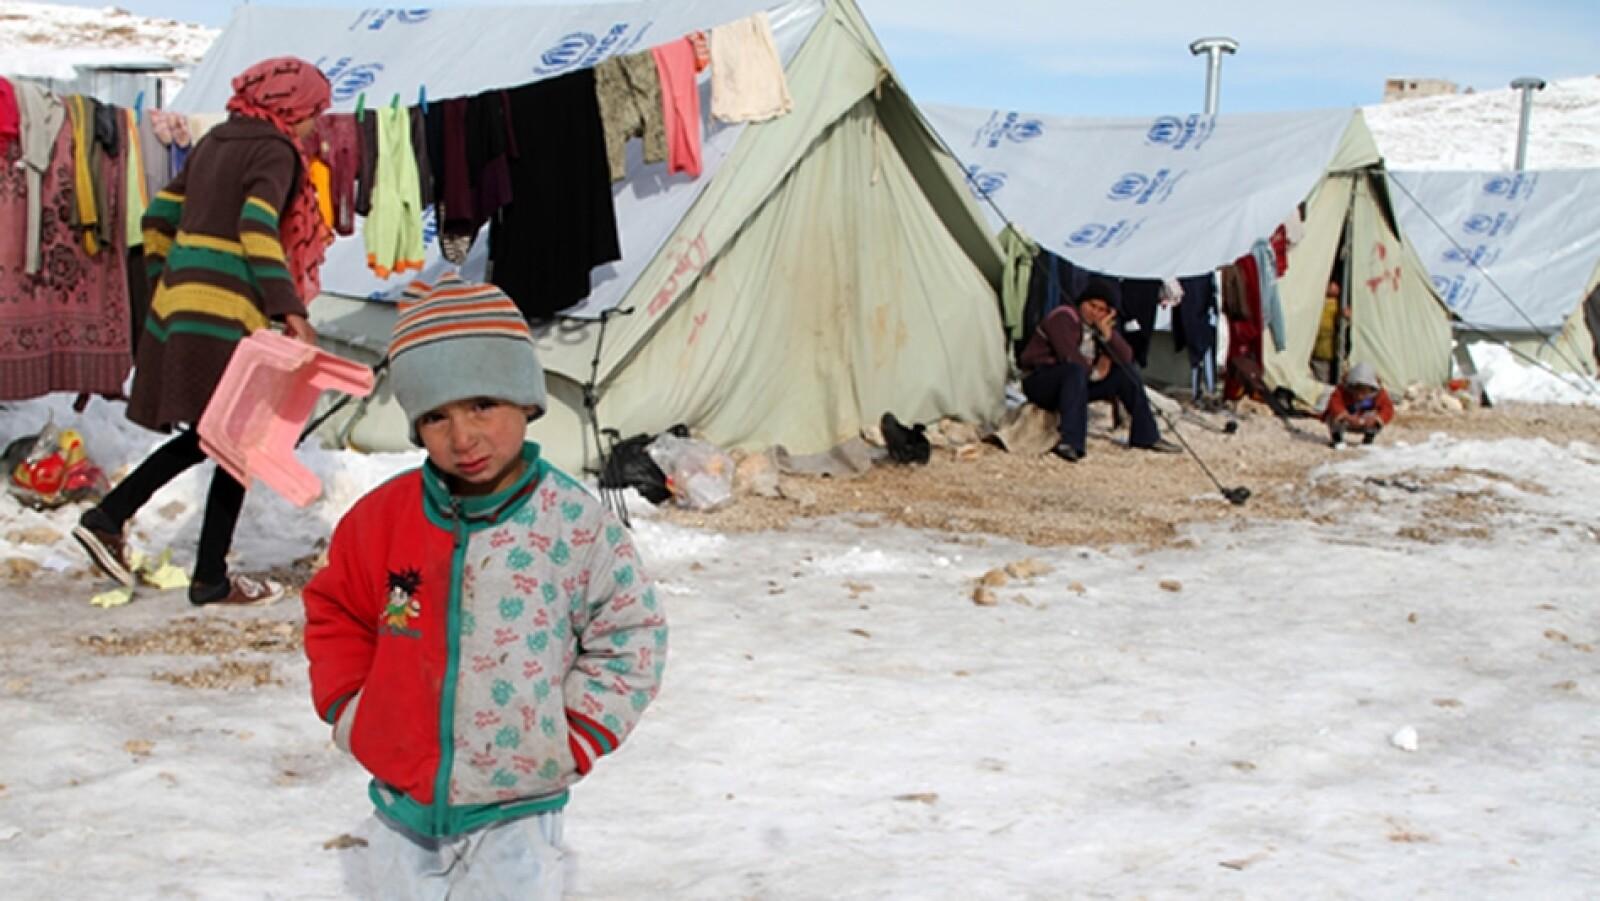 refugiados sirios enfrentan el frio